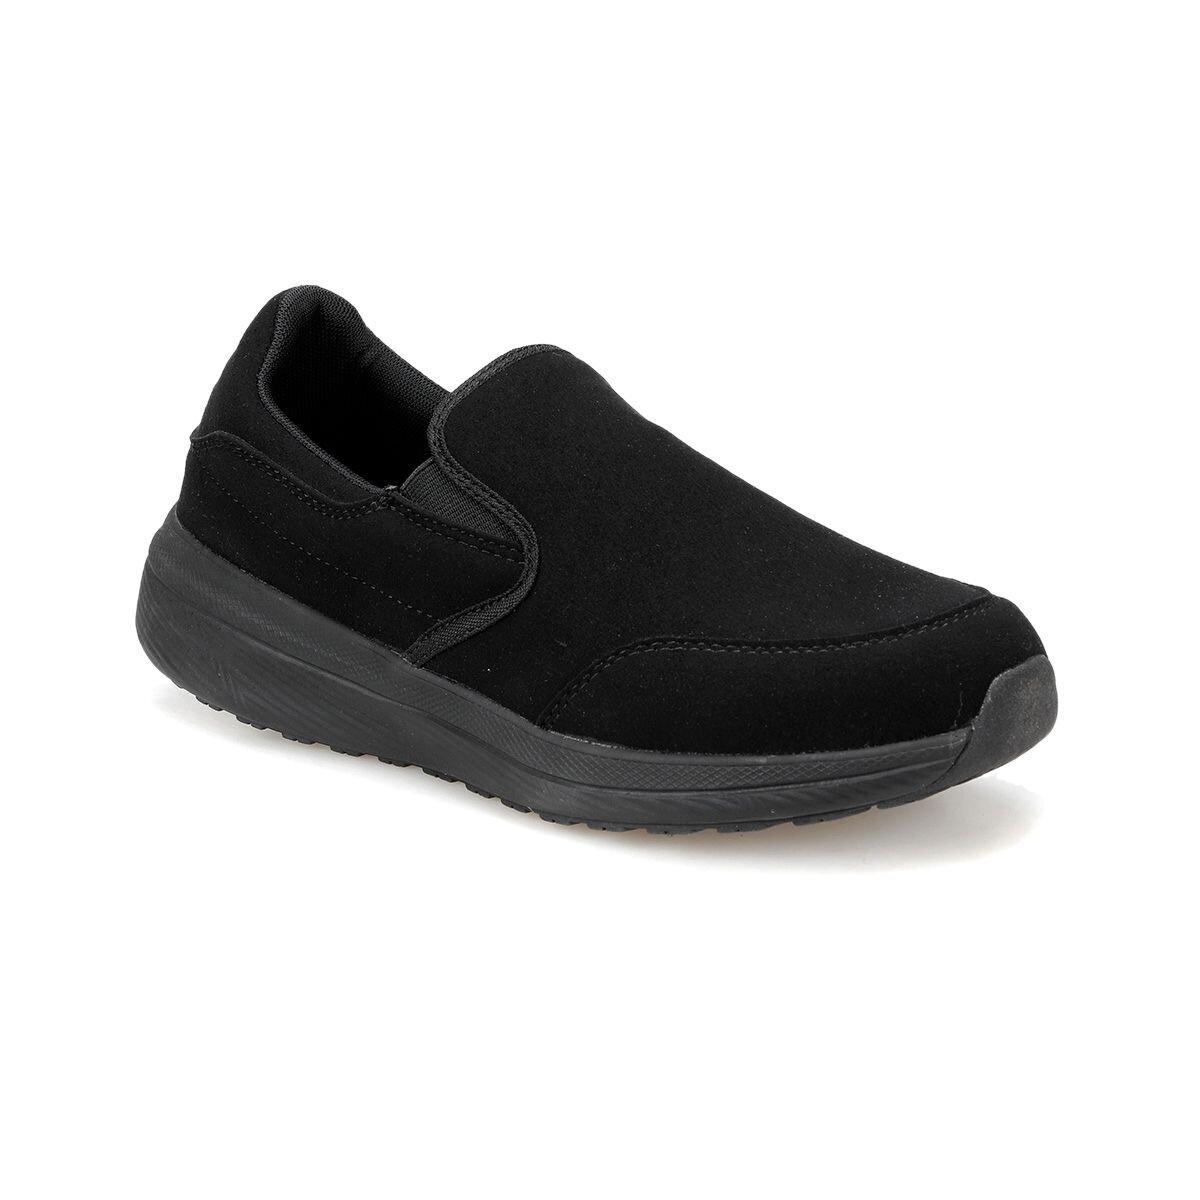 SIYAH Erkek Yürüyüş Ayakkabısı WOLKA